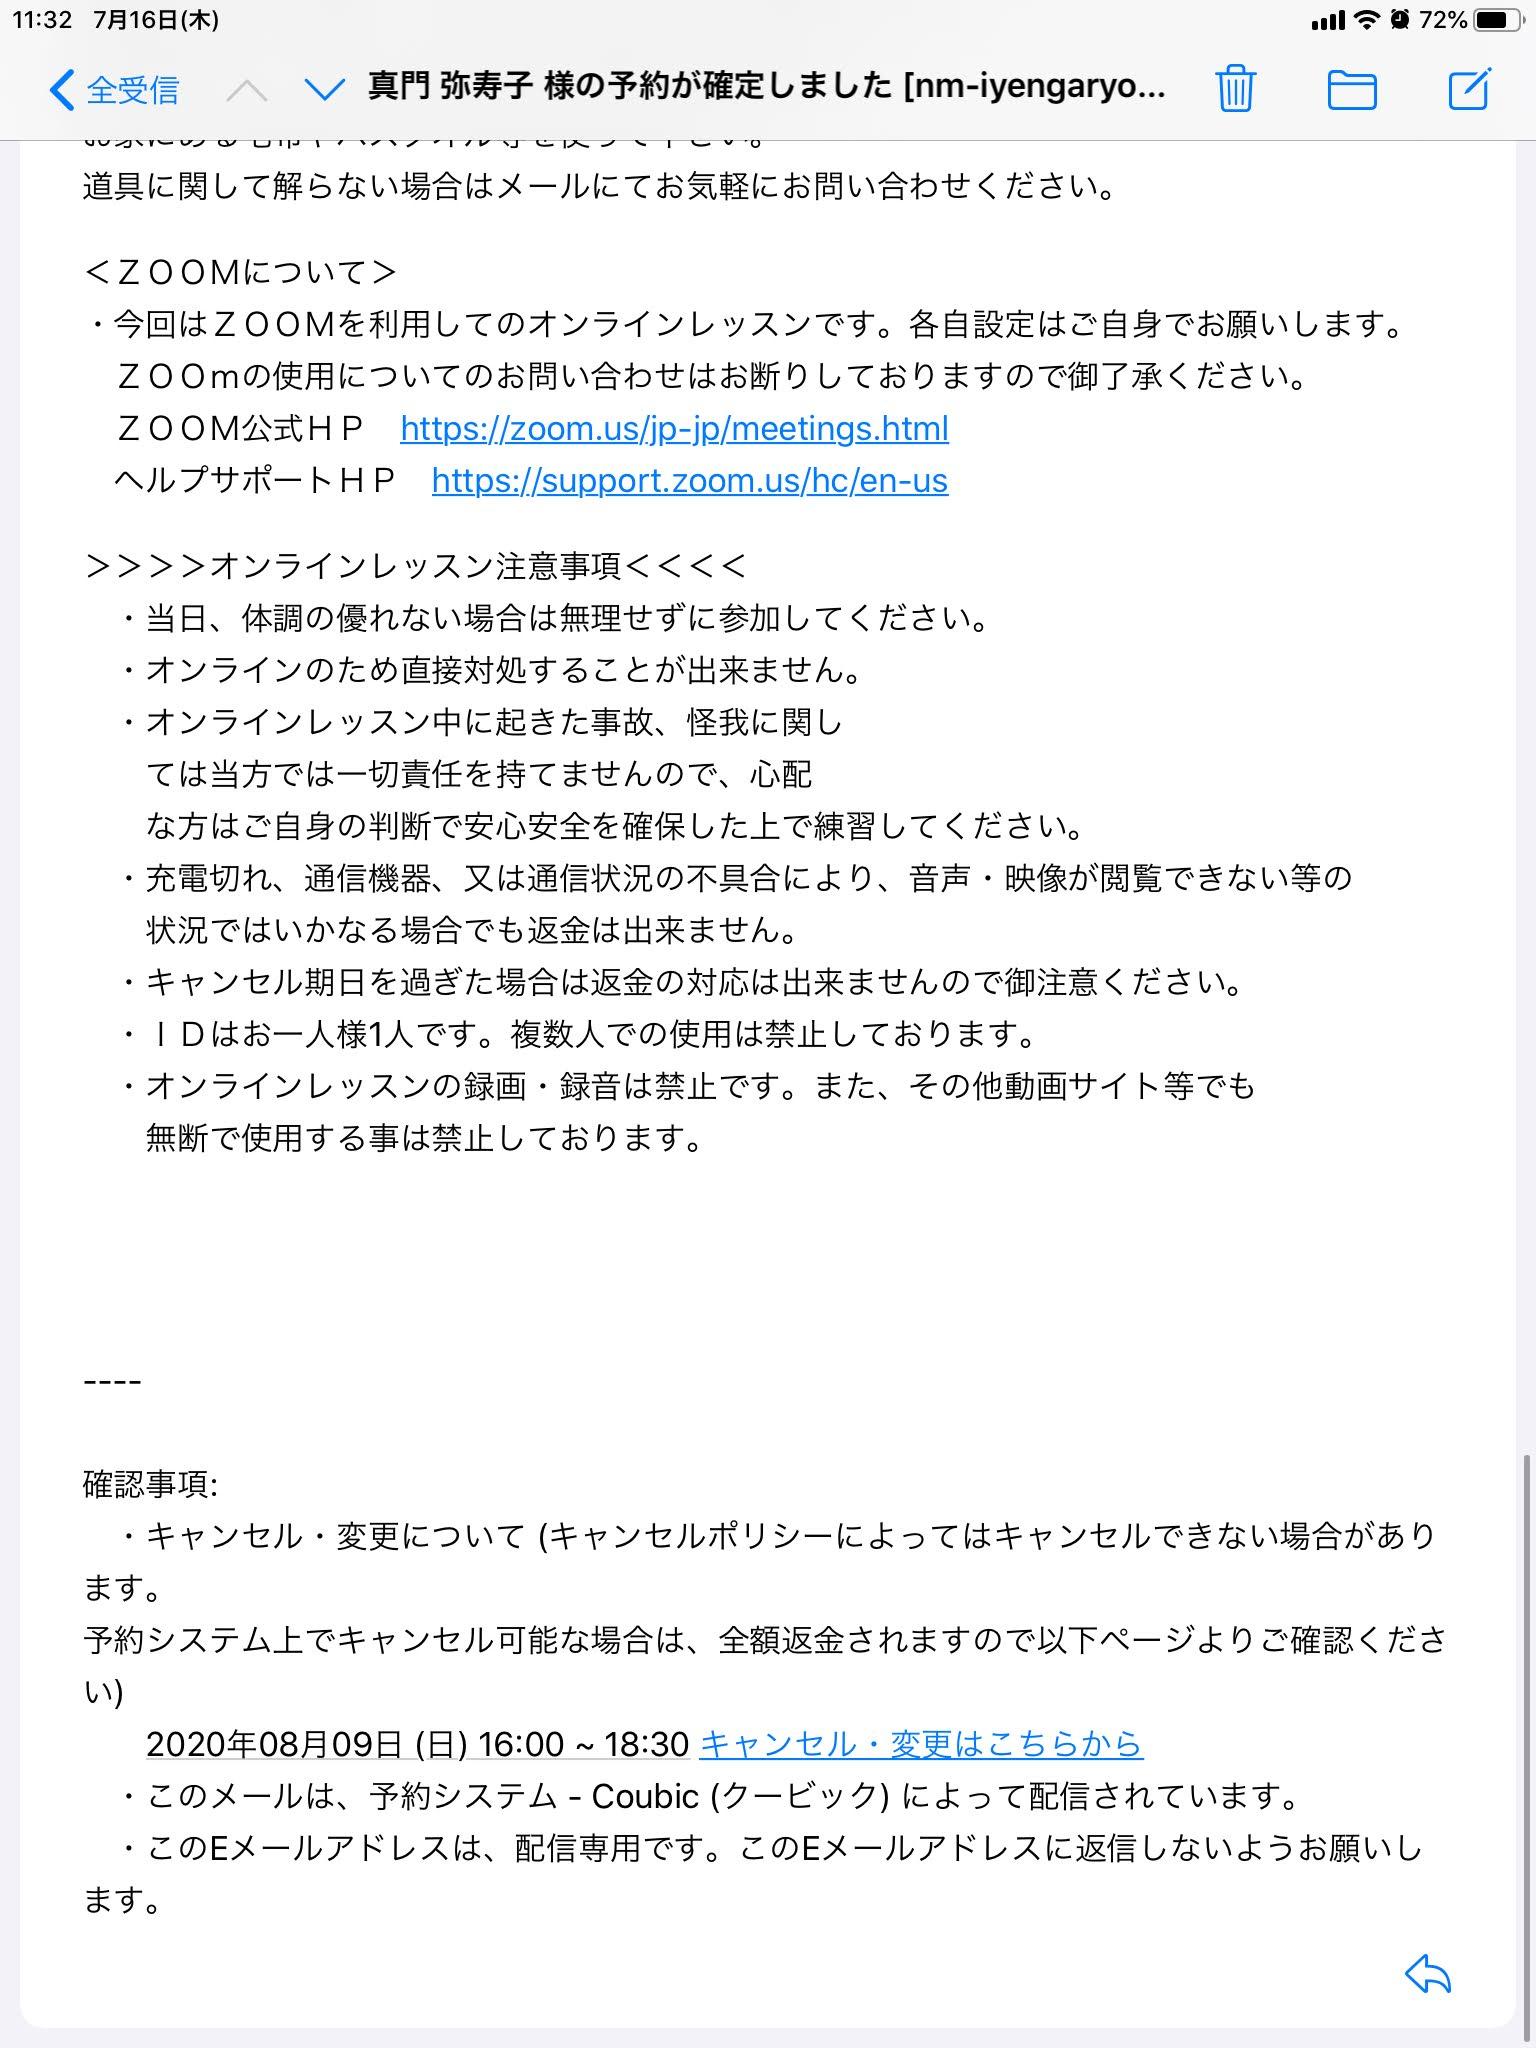 予約完了メールの下にある、キャンセル、変更はコチラをクリック